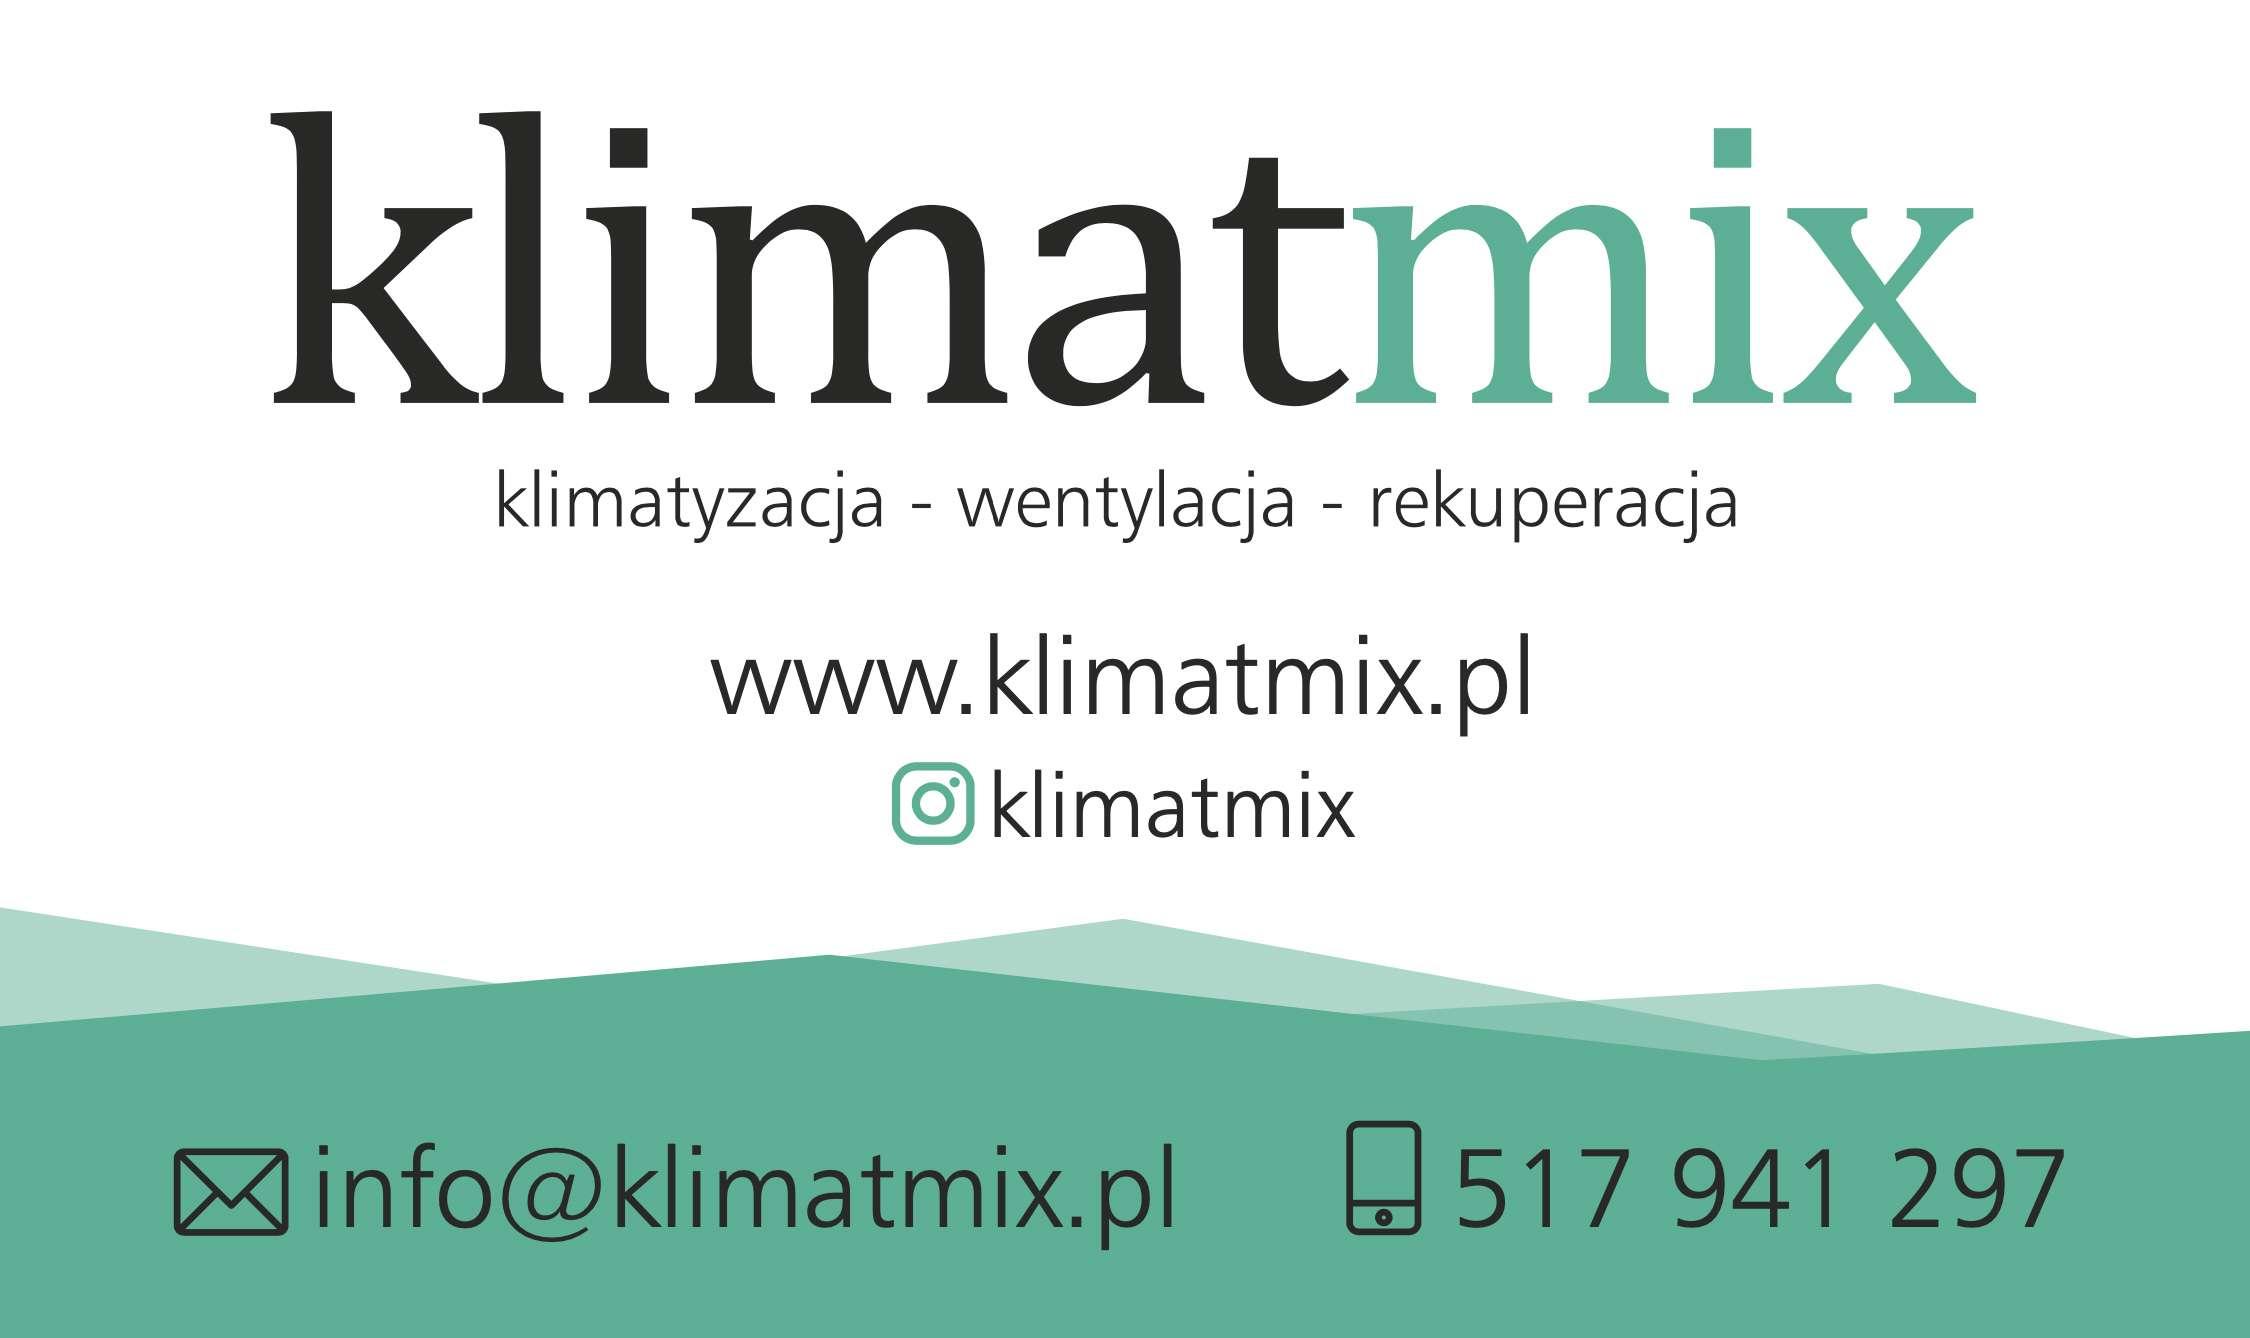 Klimatmix